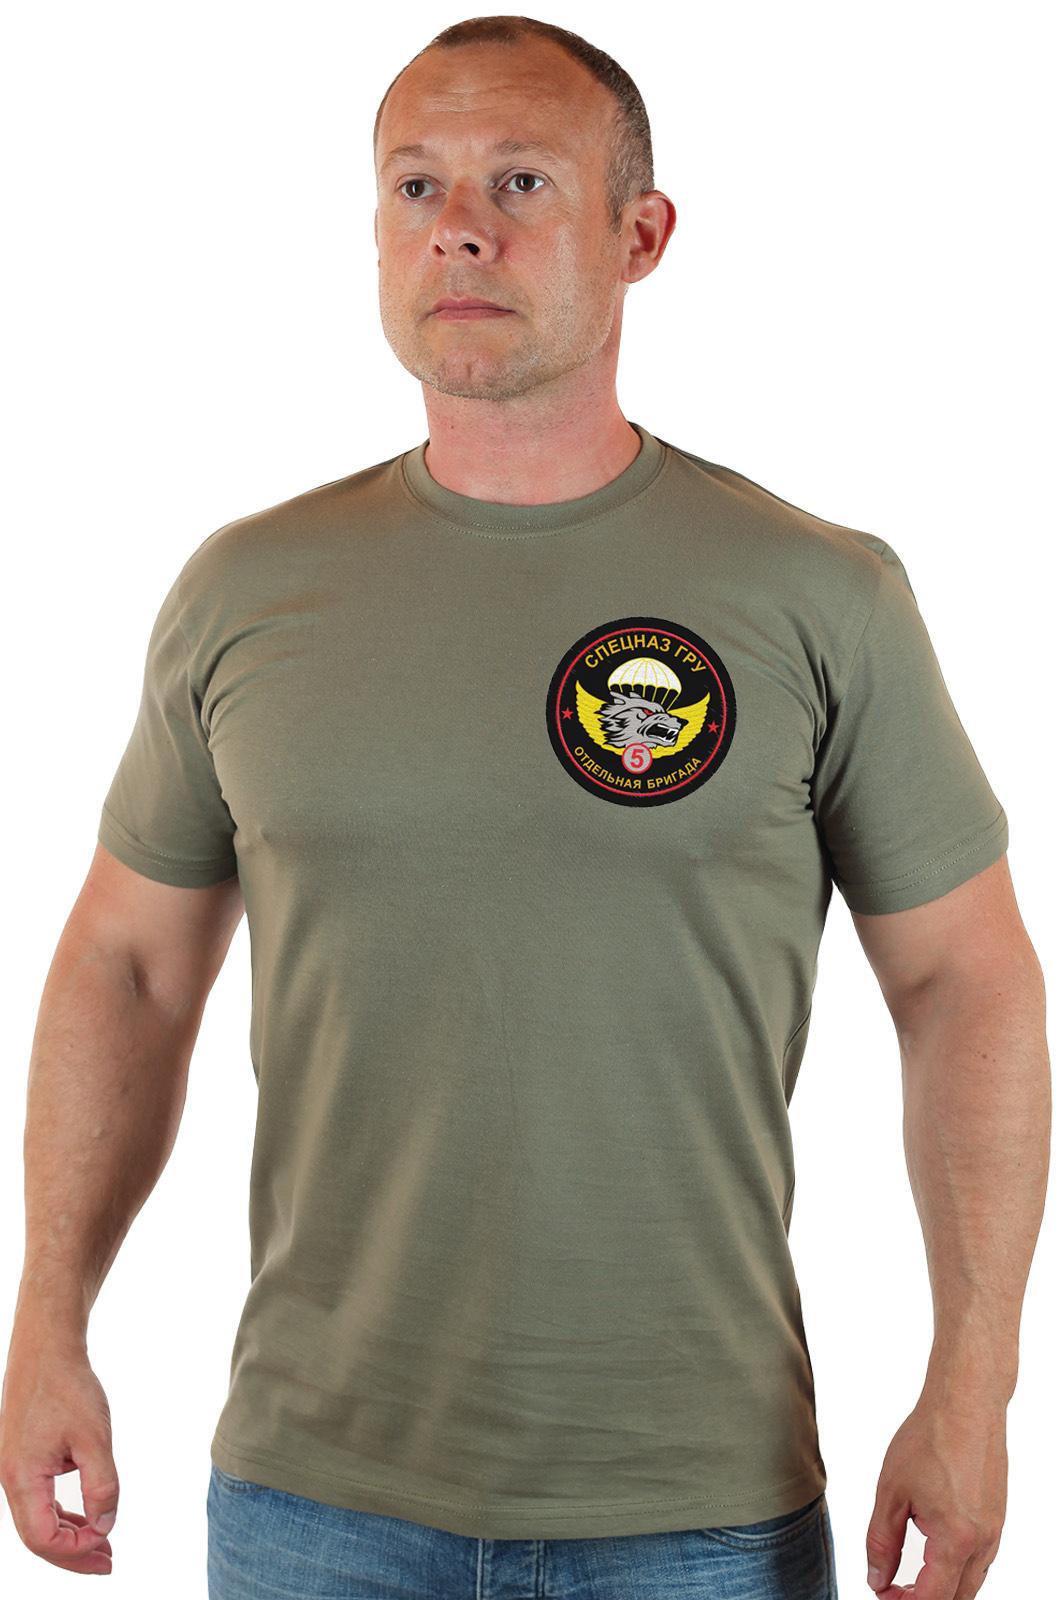 Купить в Москве футболку для парня с символикой Спецназа ГРУ